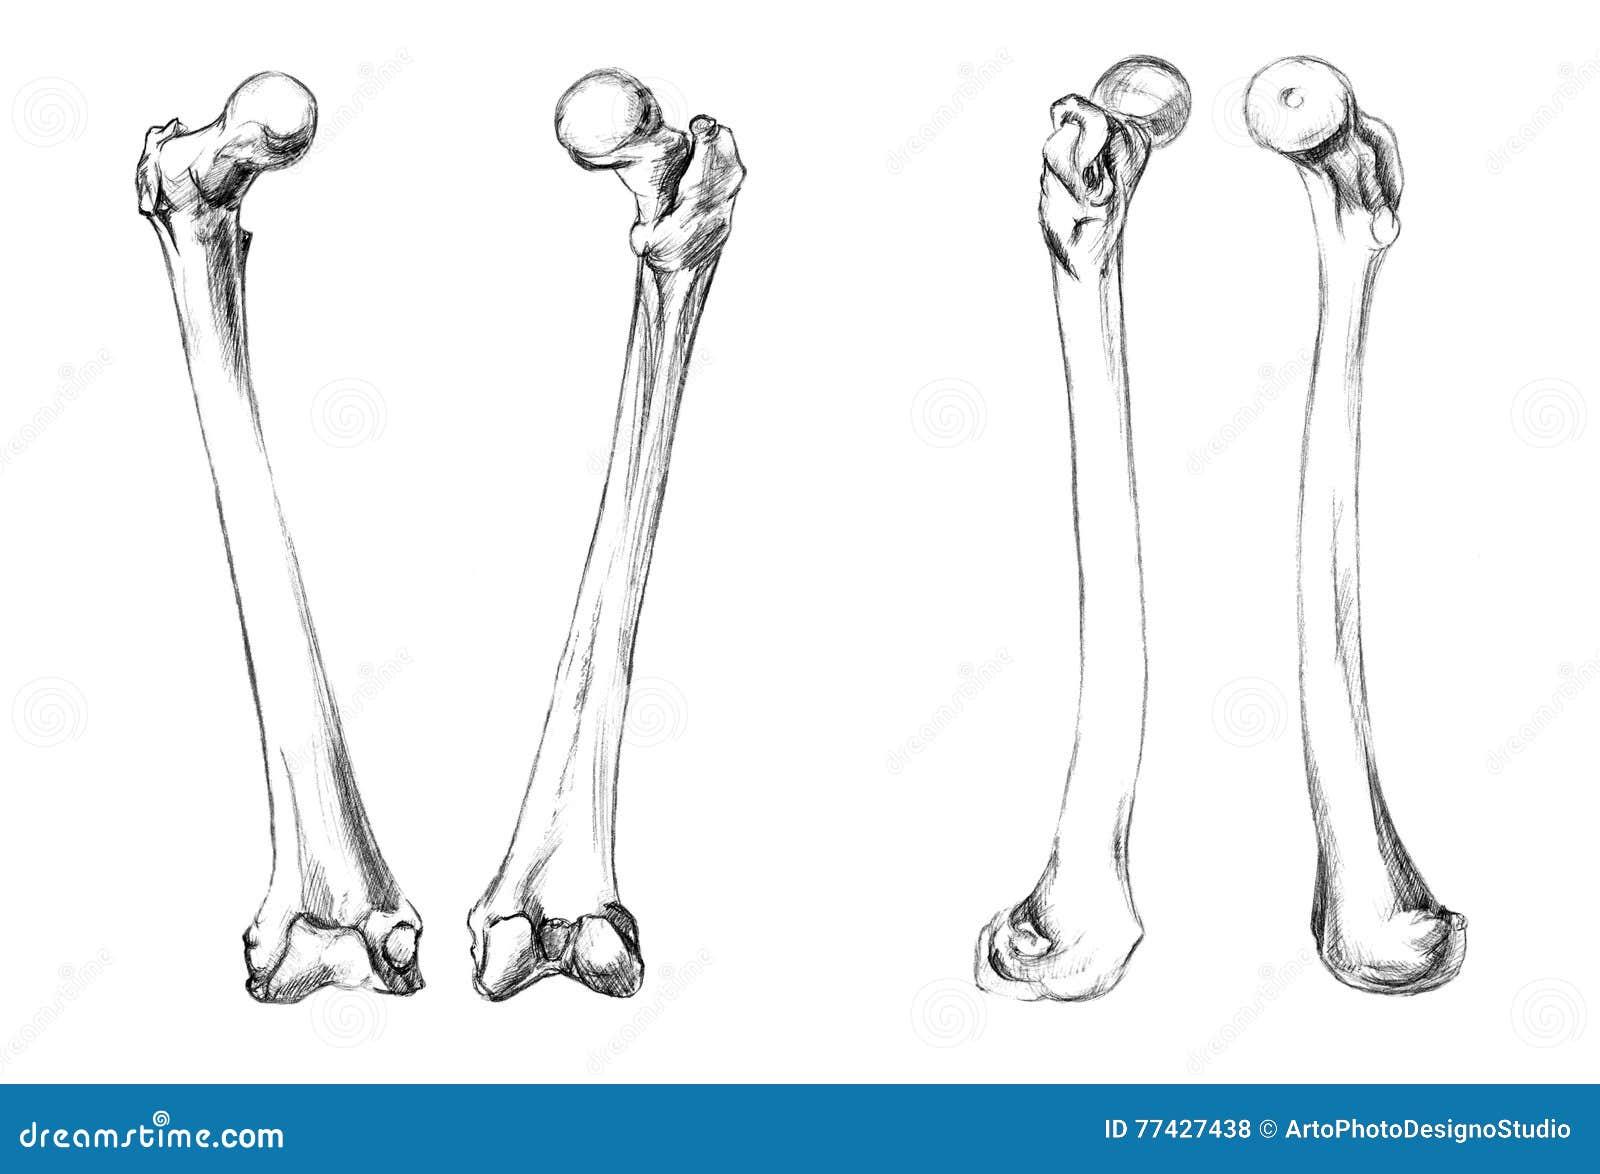 Wunderbar Knochen In Den Beinen Bilder - Menschliche Anatomie Bilder ...